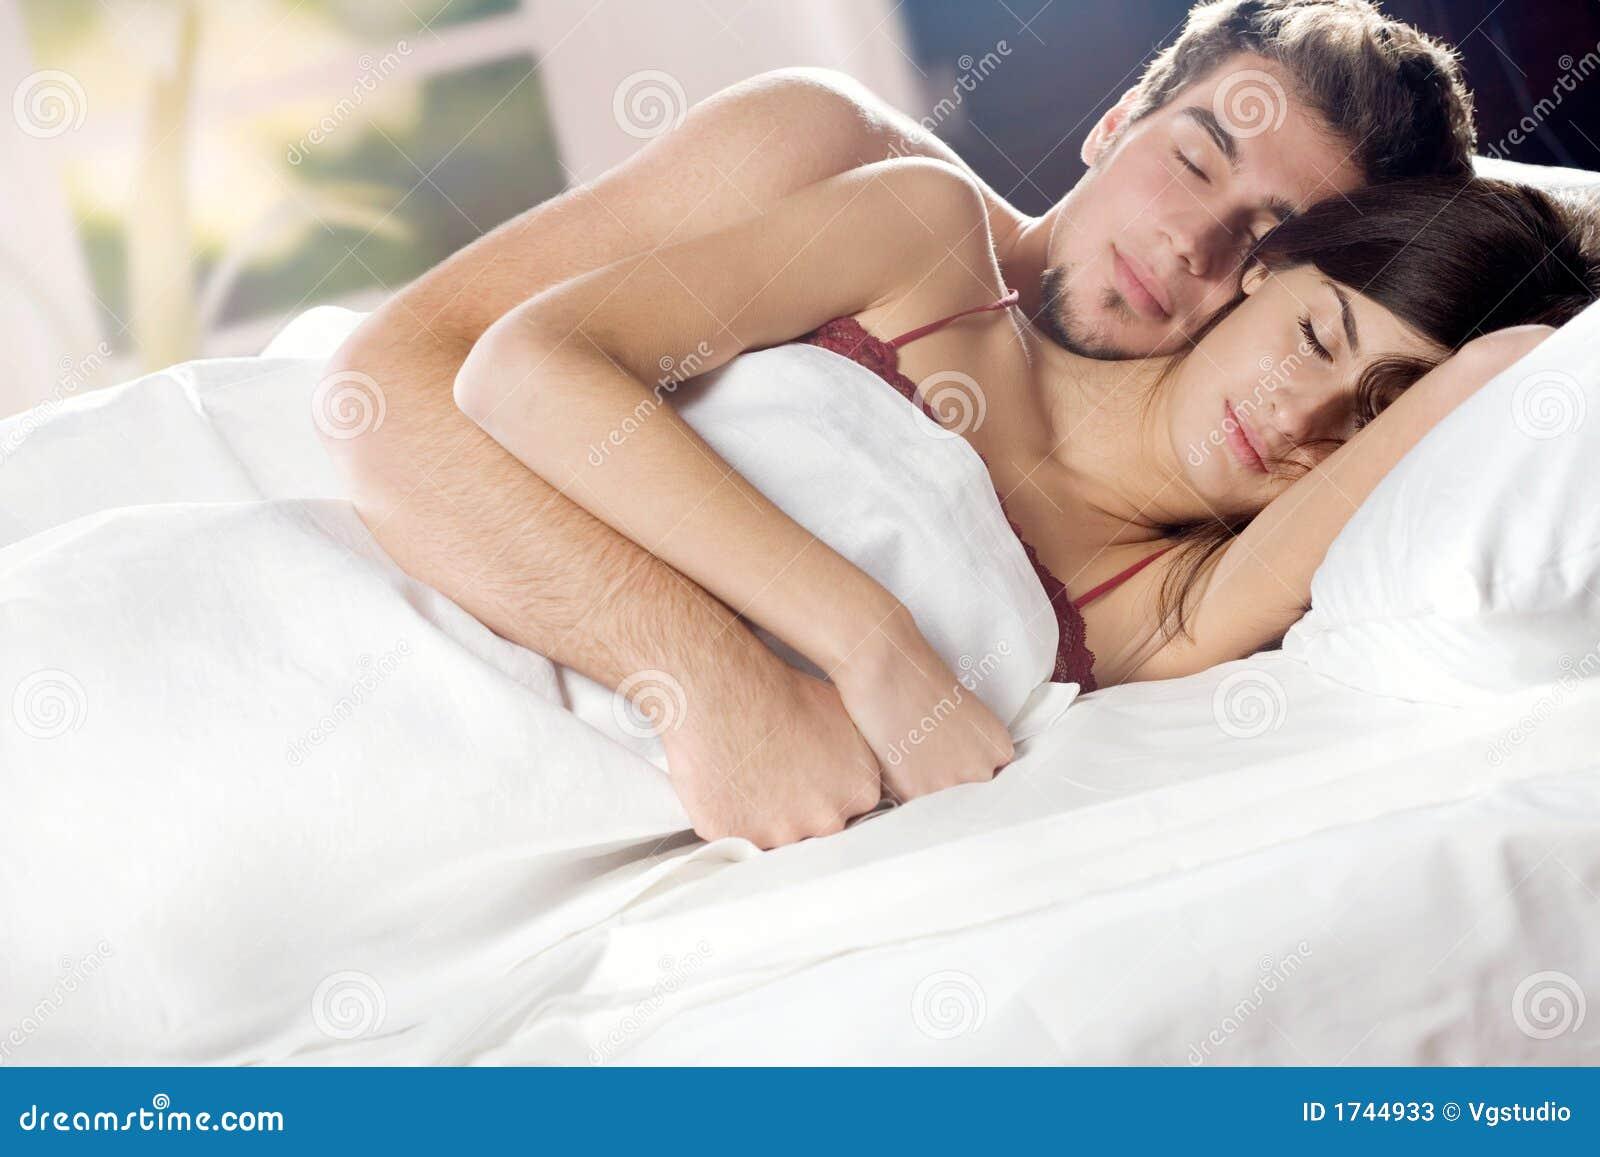 Приснилось что переспала с другом бывшего парня